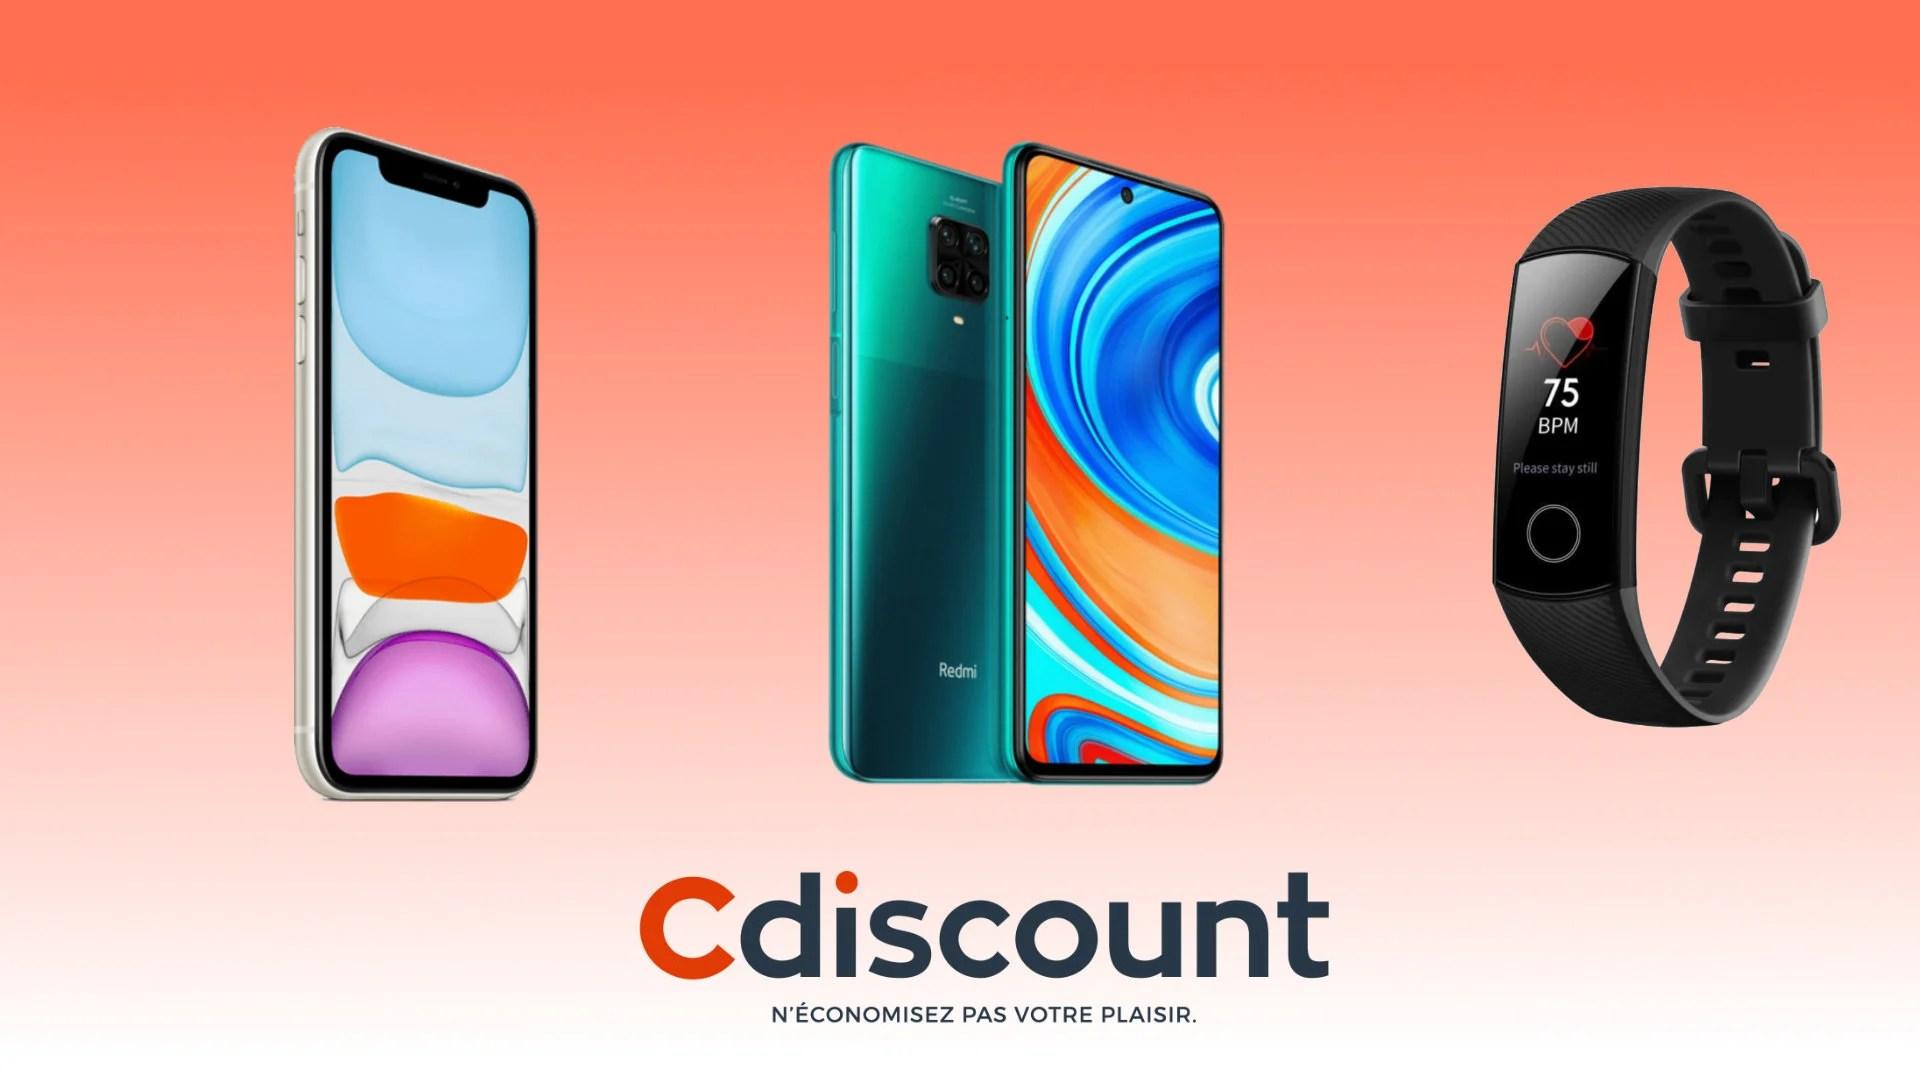 iPhone 11, Redmi Note 9, TV 4K: Cdiscount lance les 72 heures à volonté avec des remises exclusives